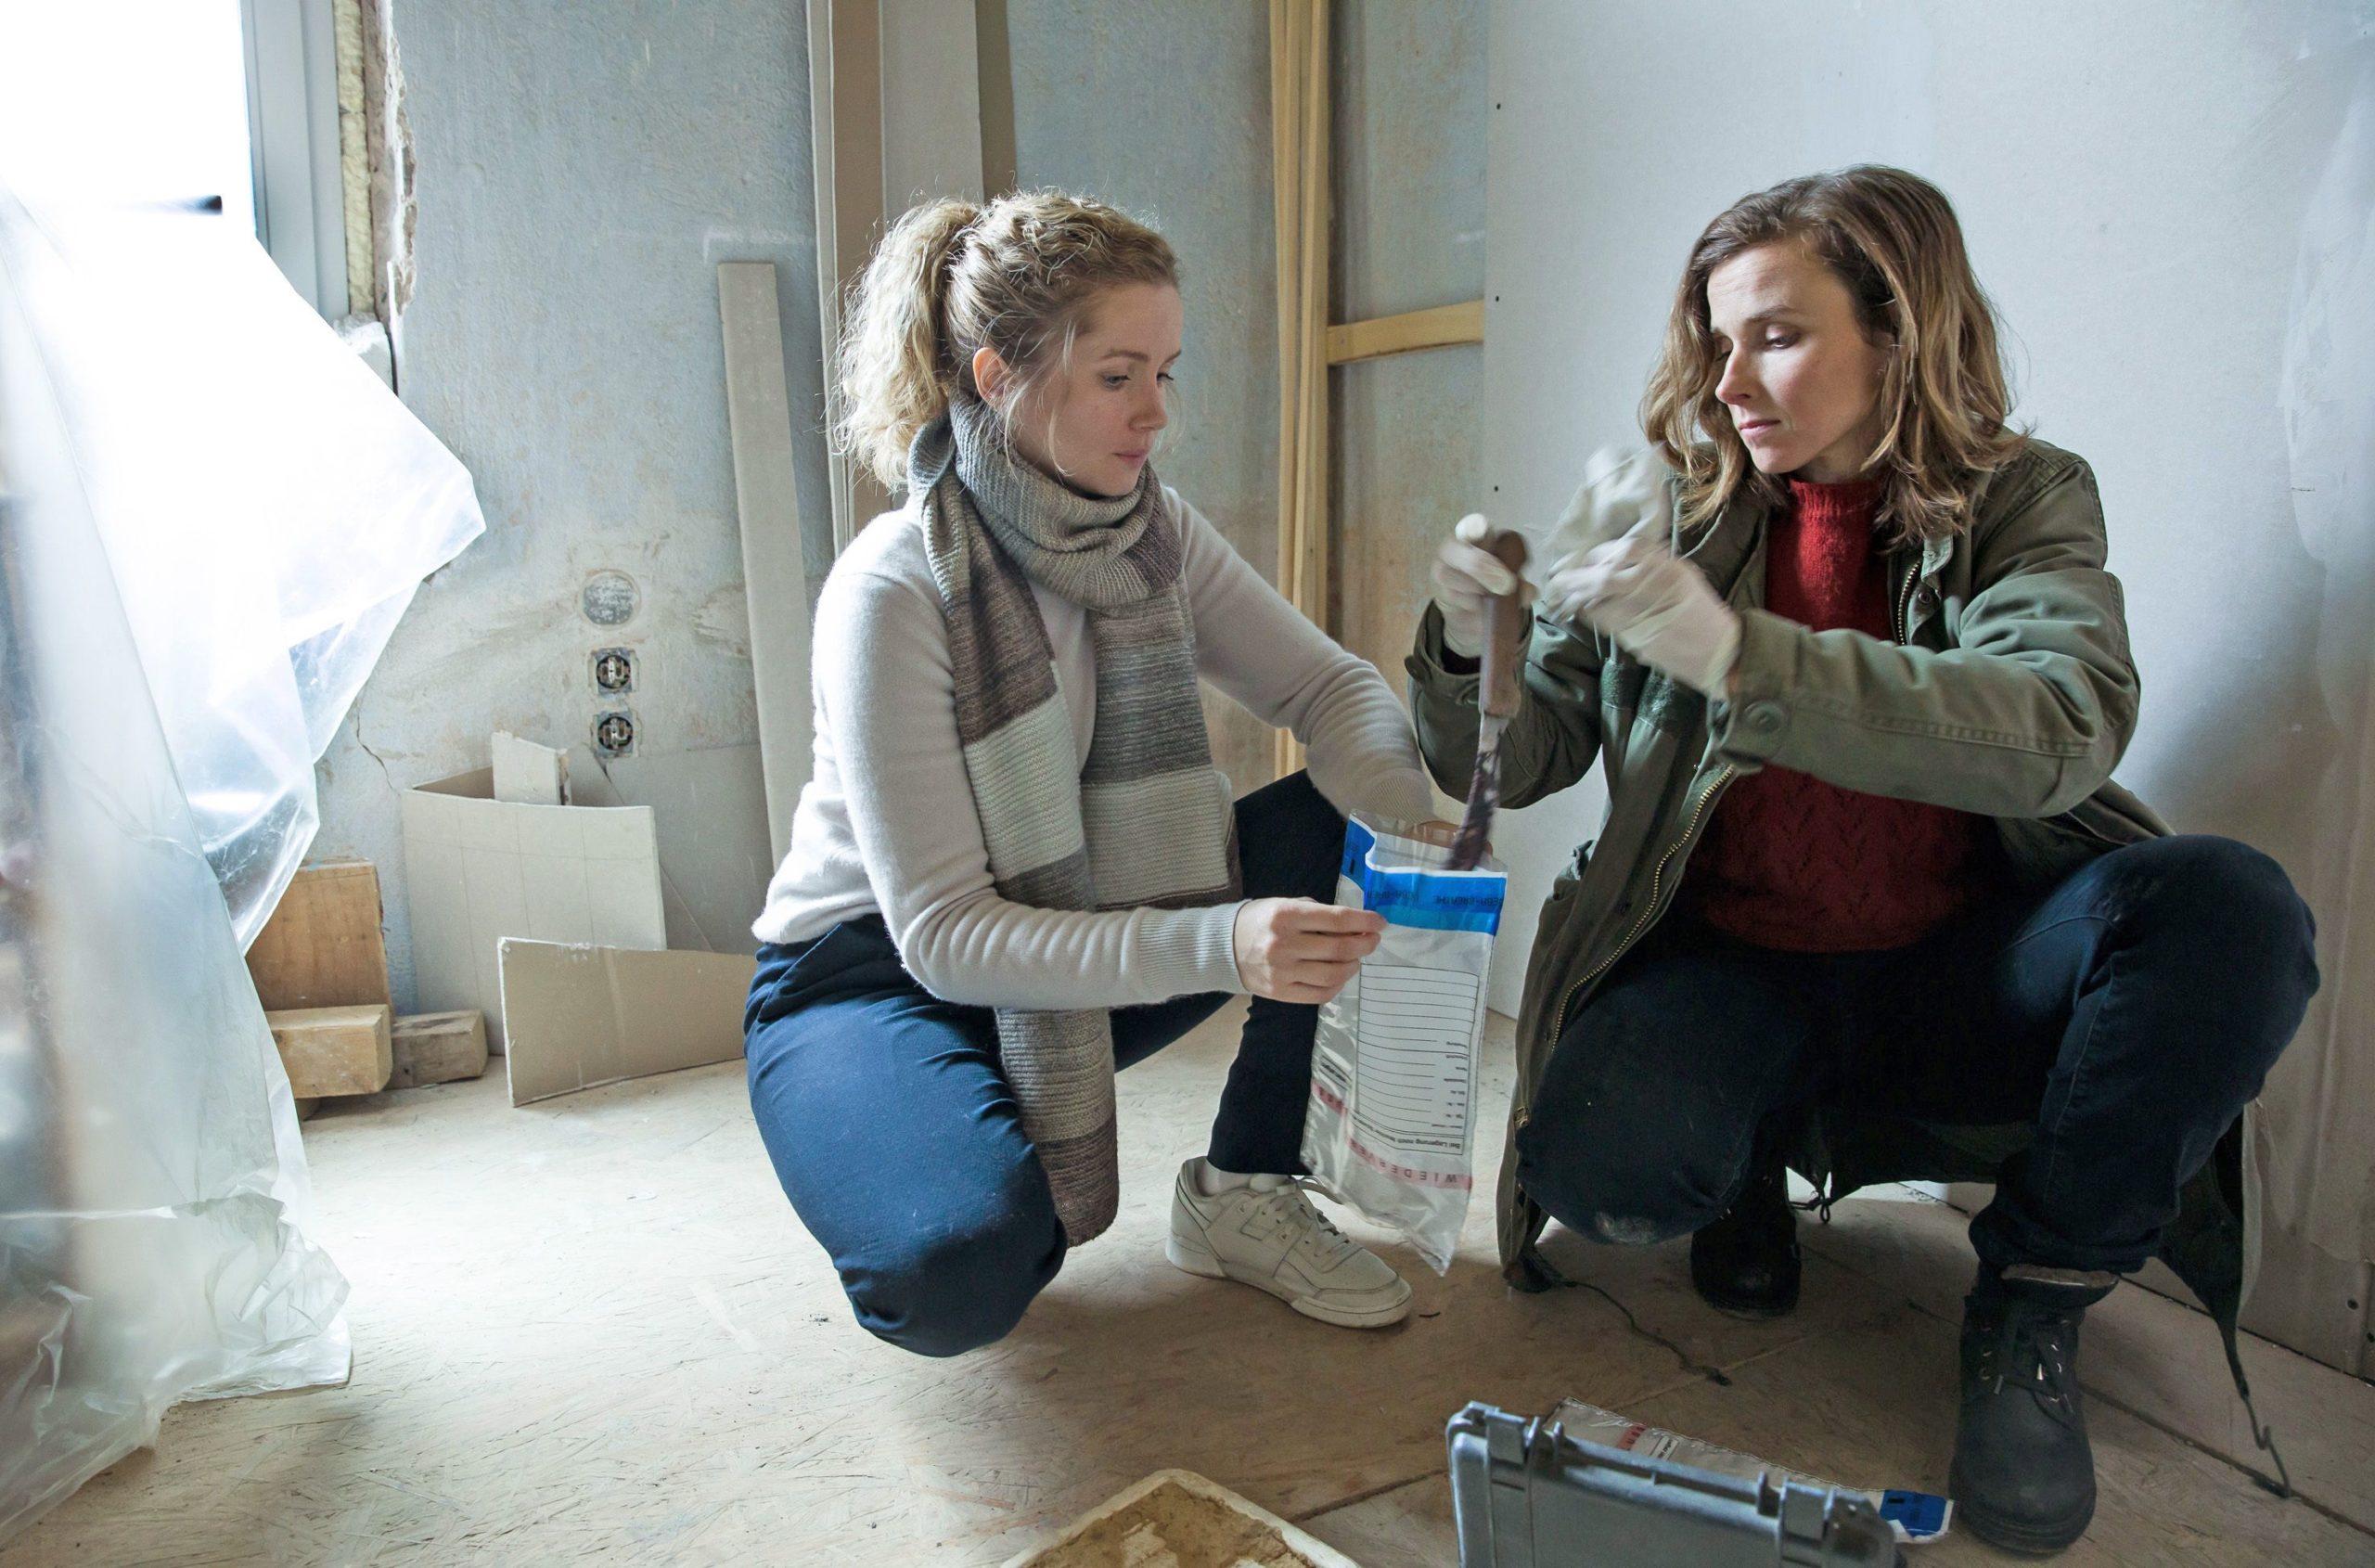 Die Ermittlerinnen Leonie Winkler (Cornelia Gröschel, li.) und Karin Hanczewski (Karin Gorniak) mit der Tatwaffe.